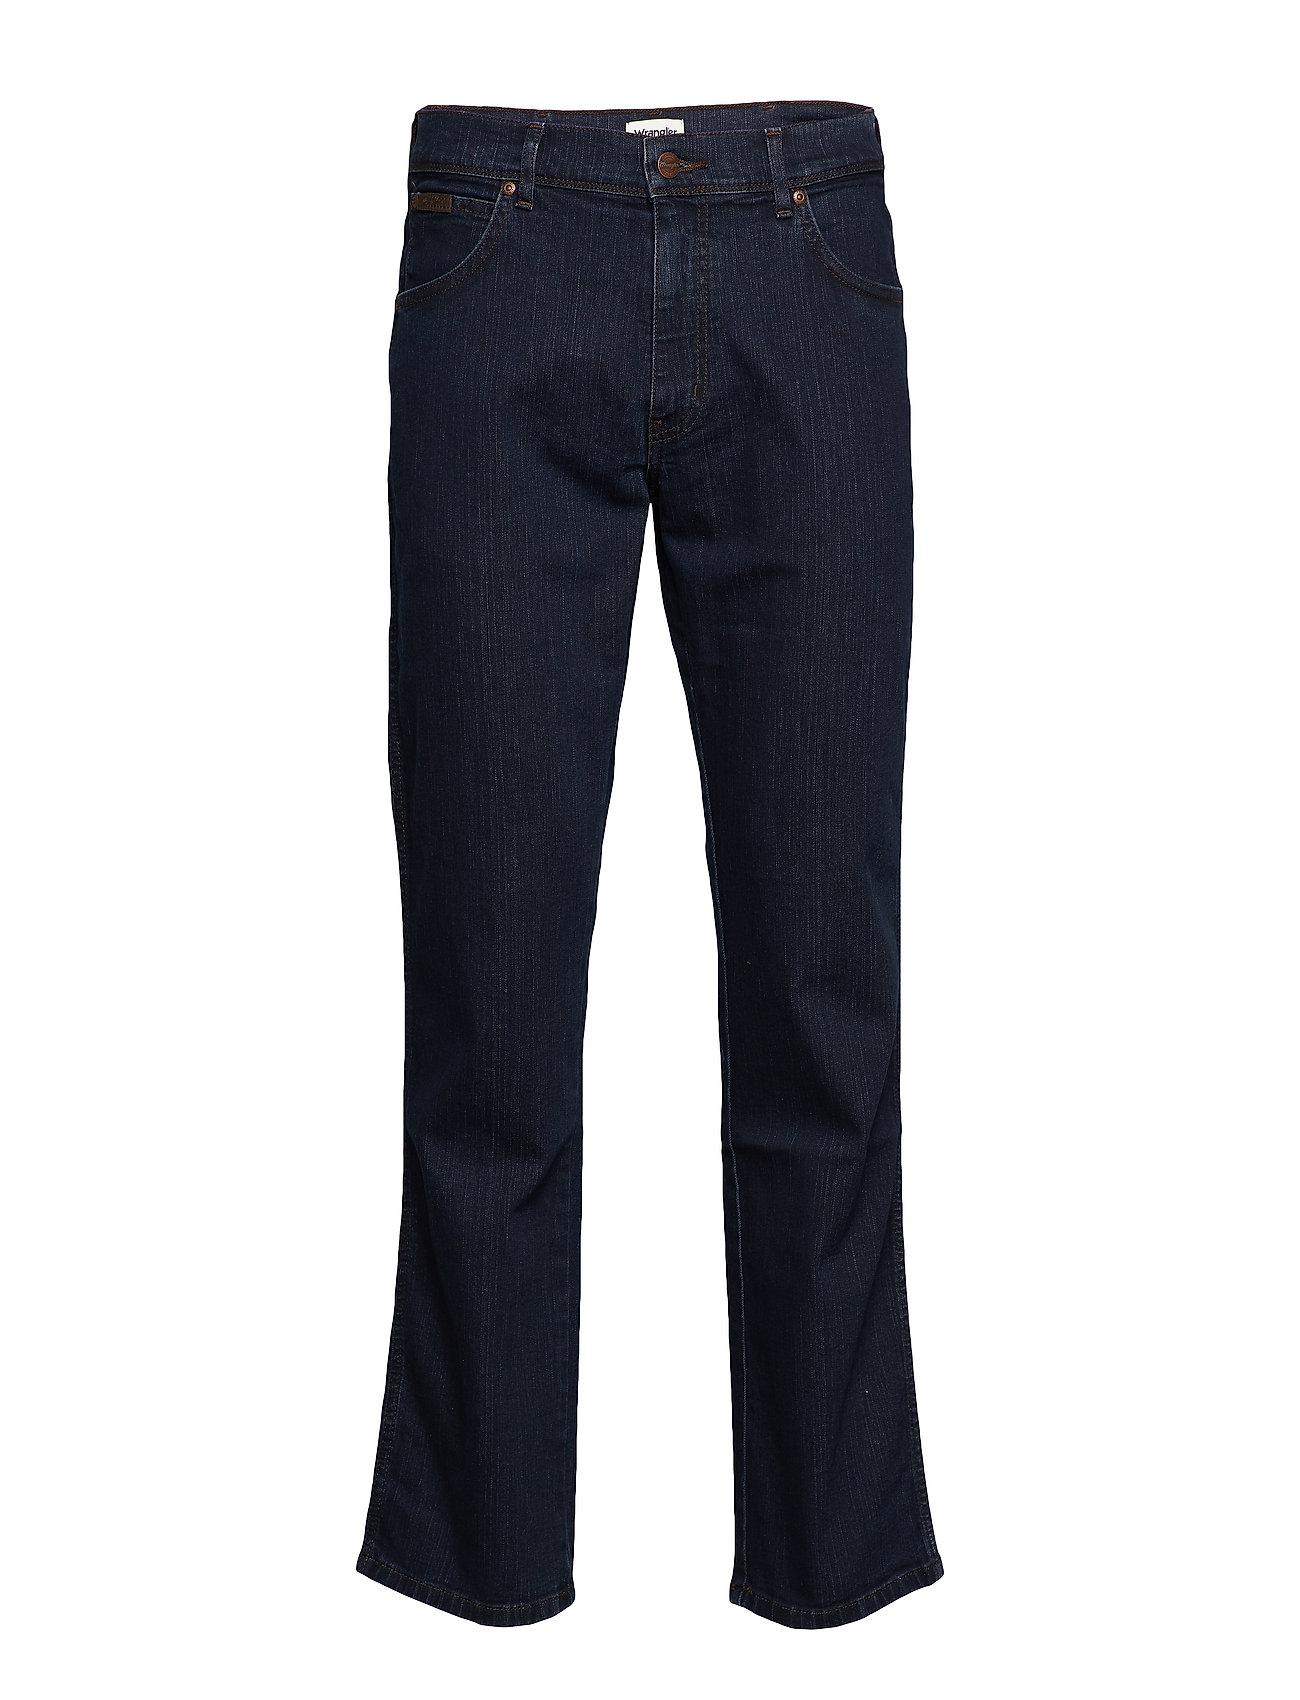 Wrangler TEXAS STRETCH BLUE - BLUE BLACK